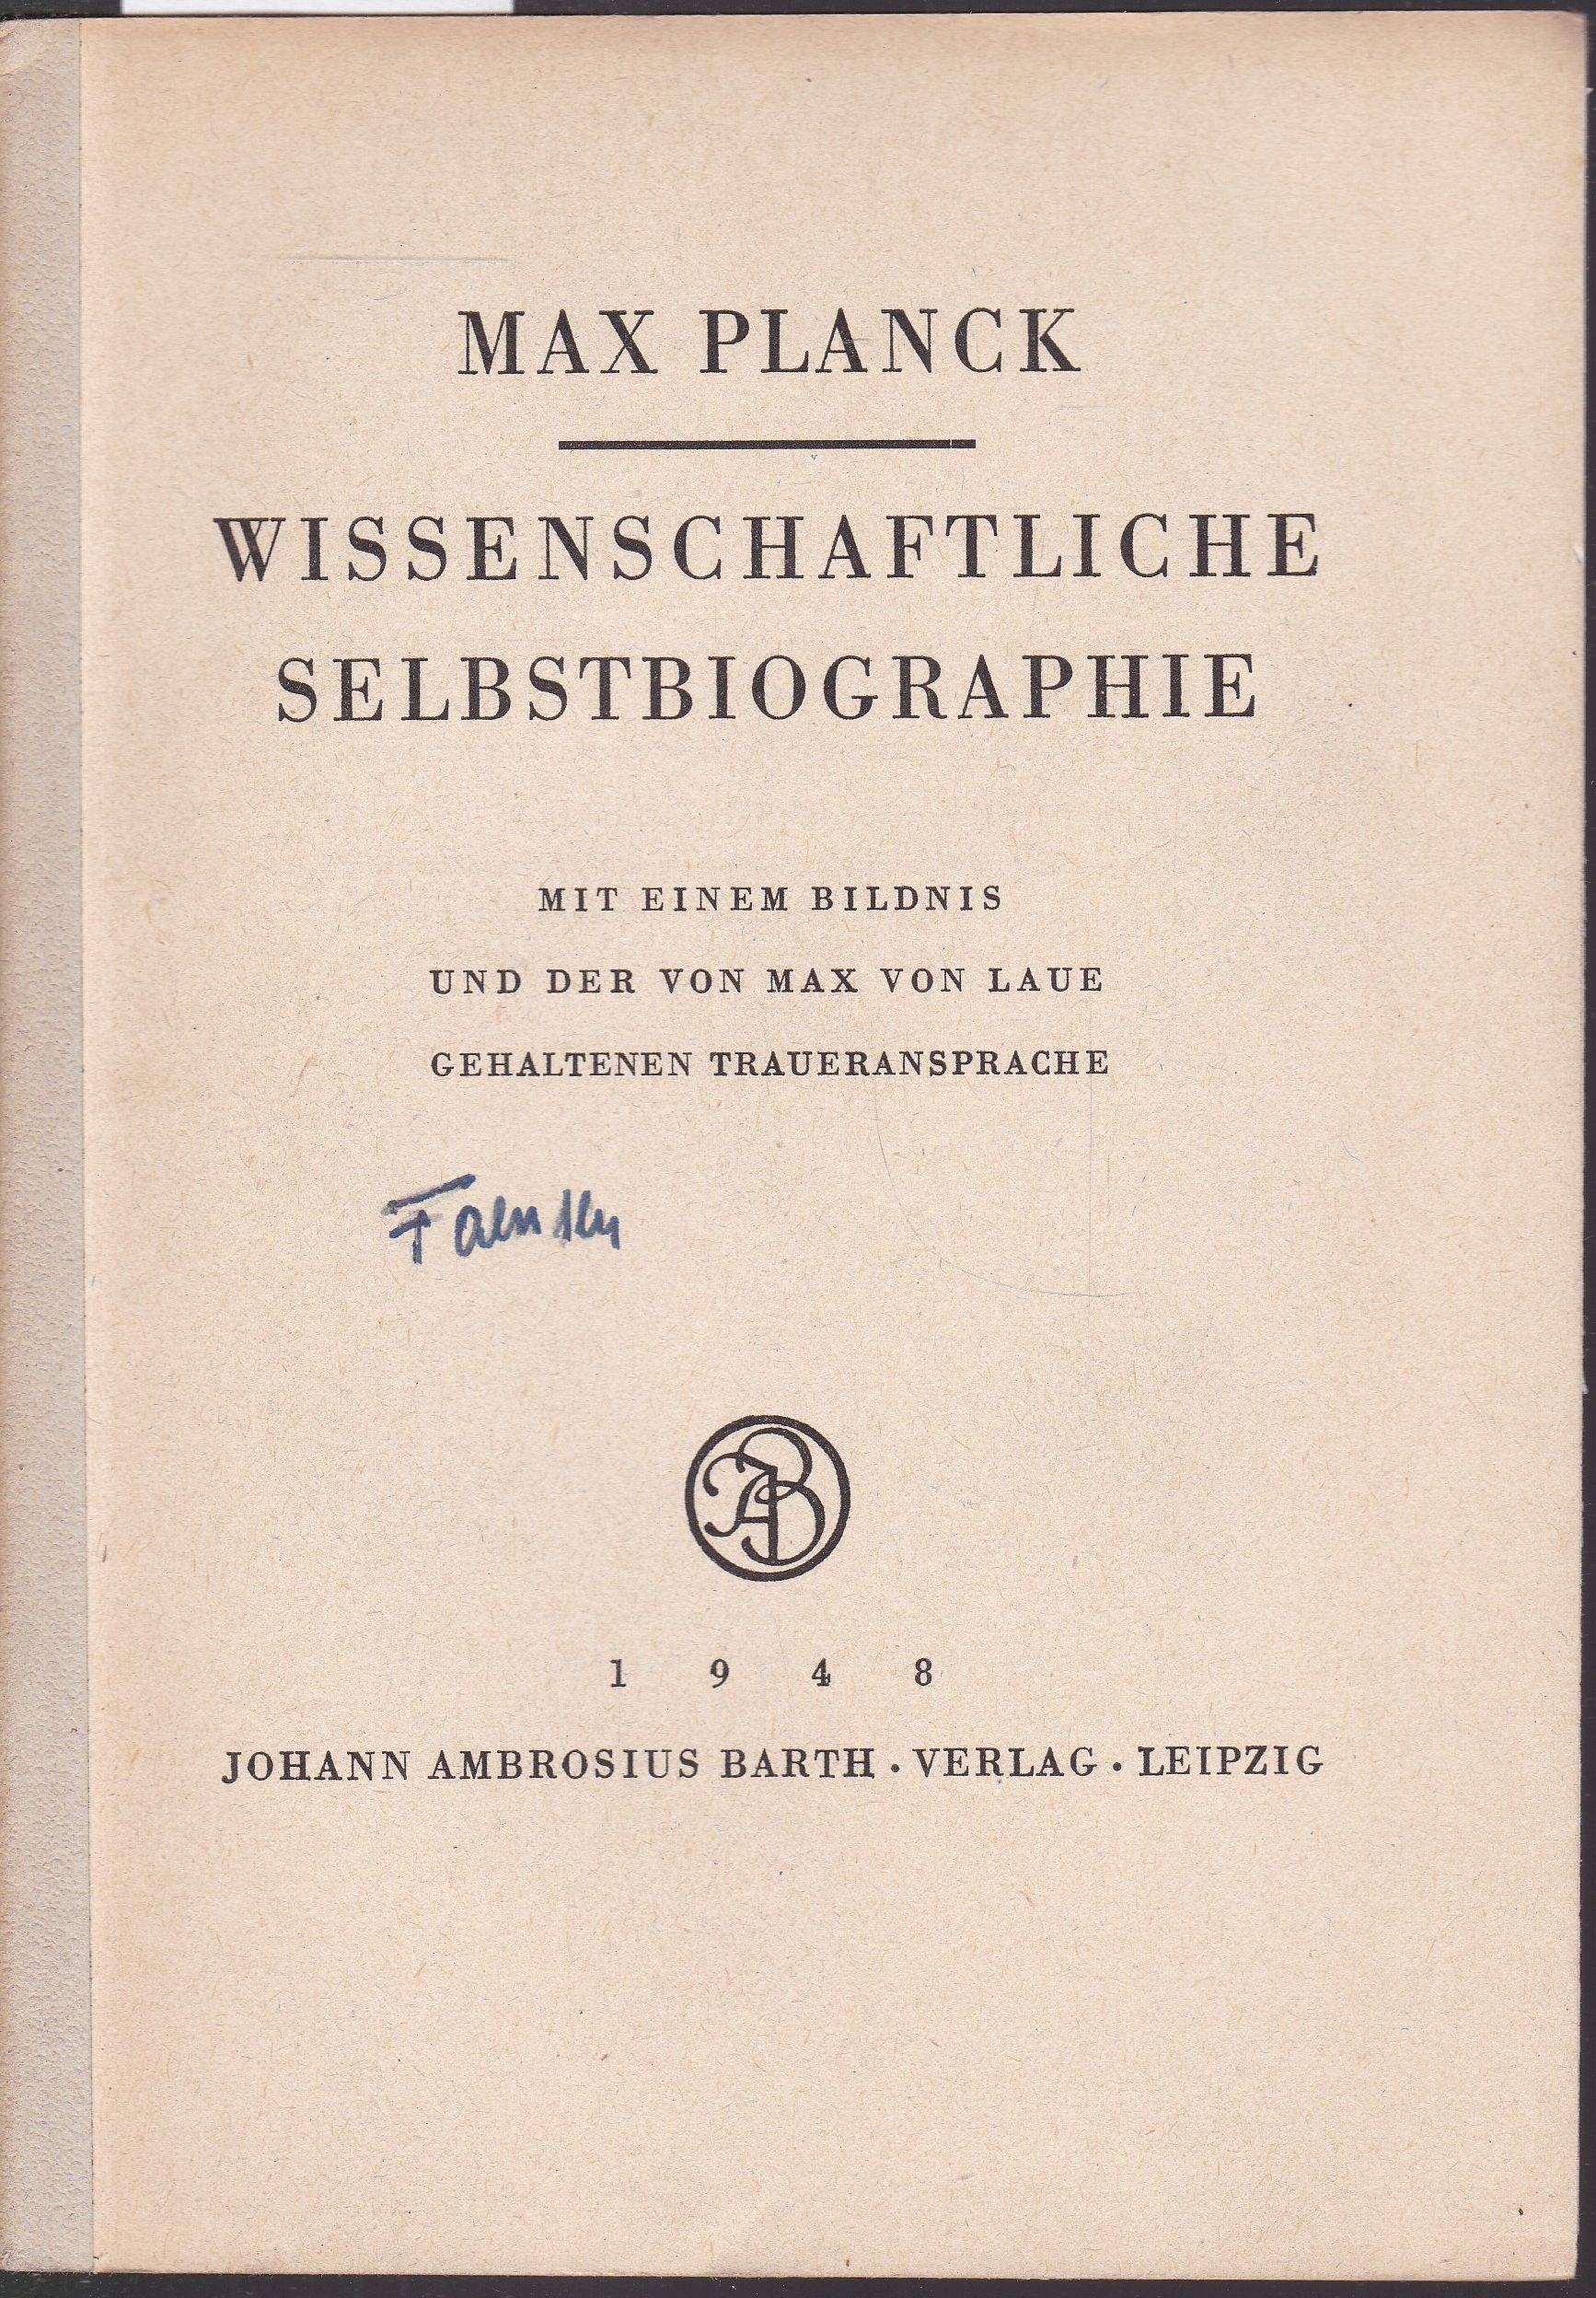 Wissenschaftliche Selbstbiographie. Nebst Traueransprache von M.v. Laue.: Planck, Max